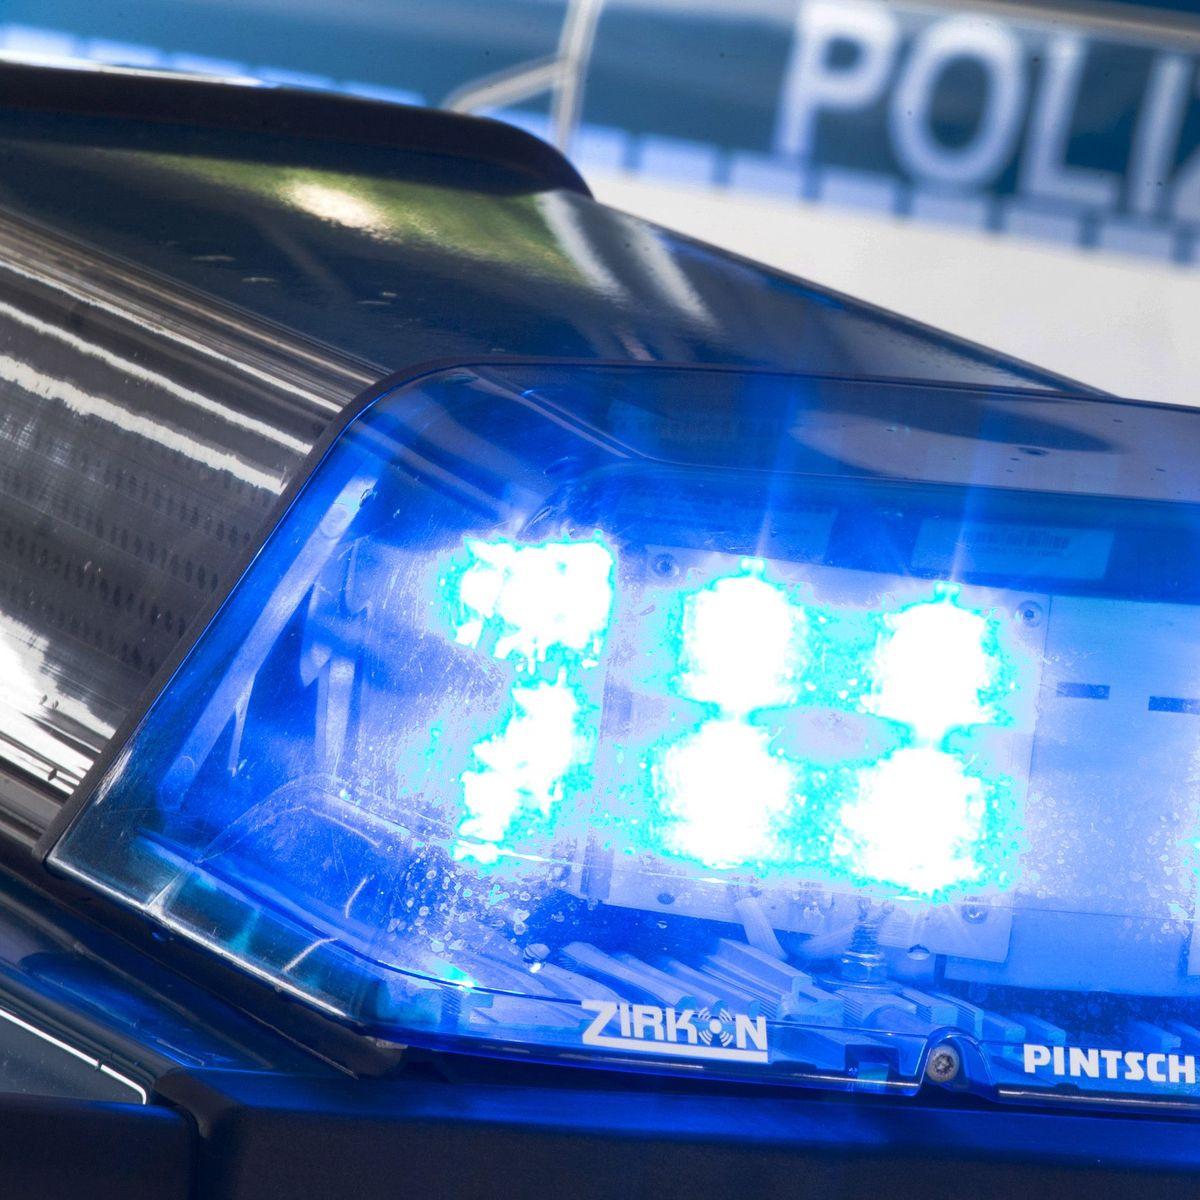 Einsatz in Berlin: Polizist erschießt 33-jährige Frau